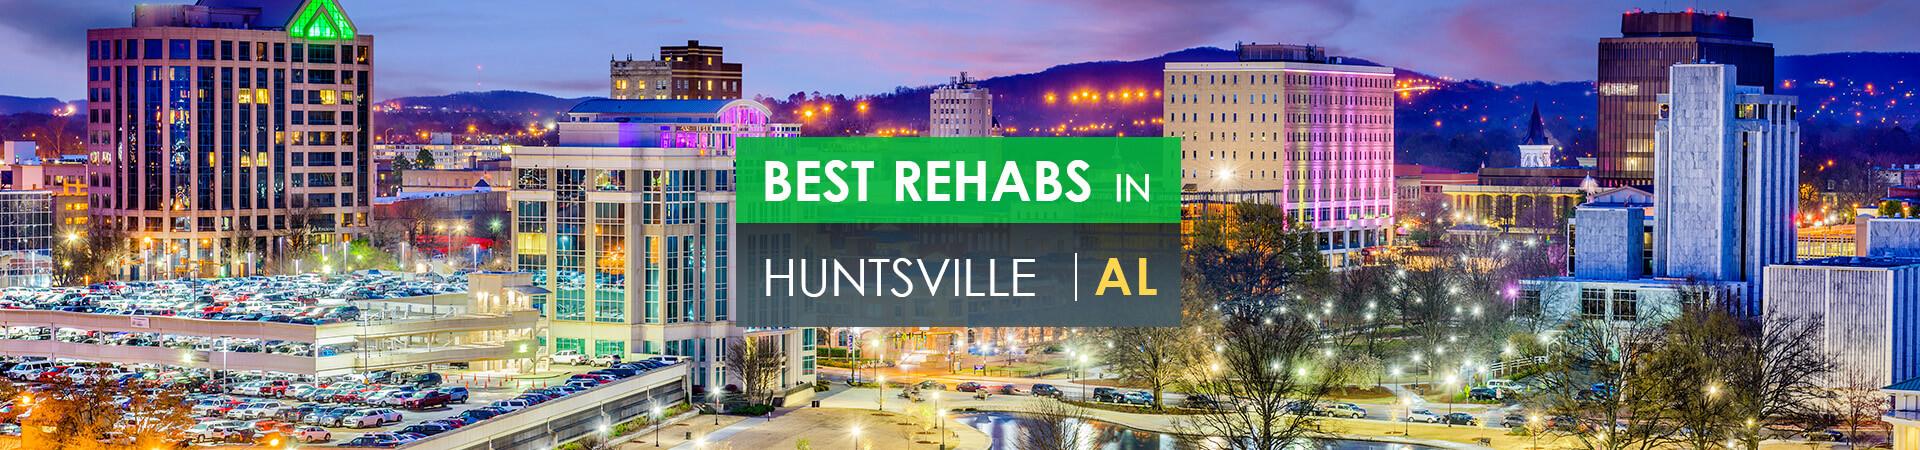 Best rehabs in Huntsville, AL